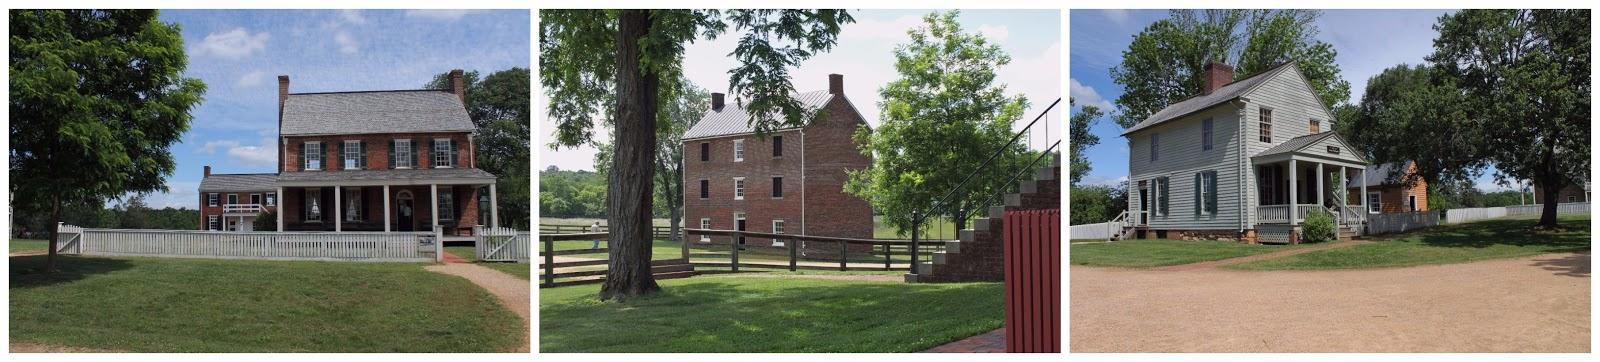 L Clover Hill Tavern C Appomattox County Jail R Meeks Store